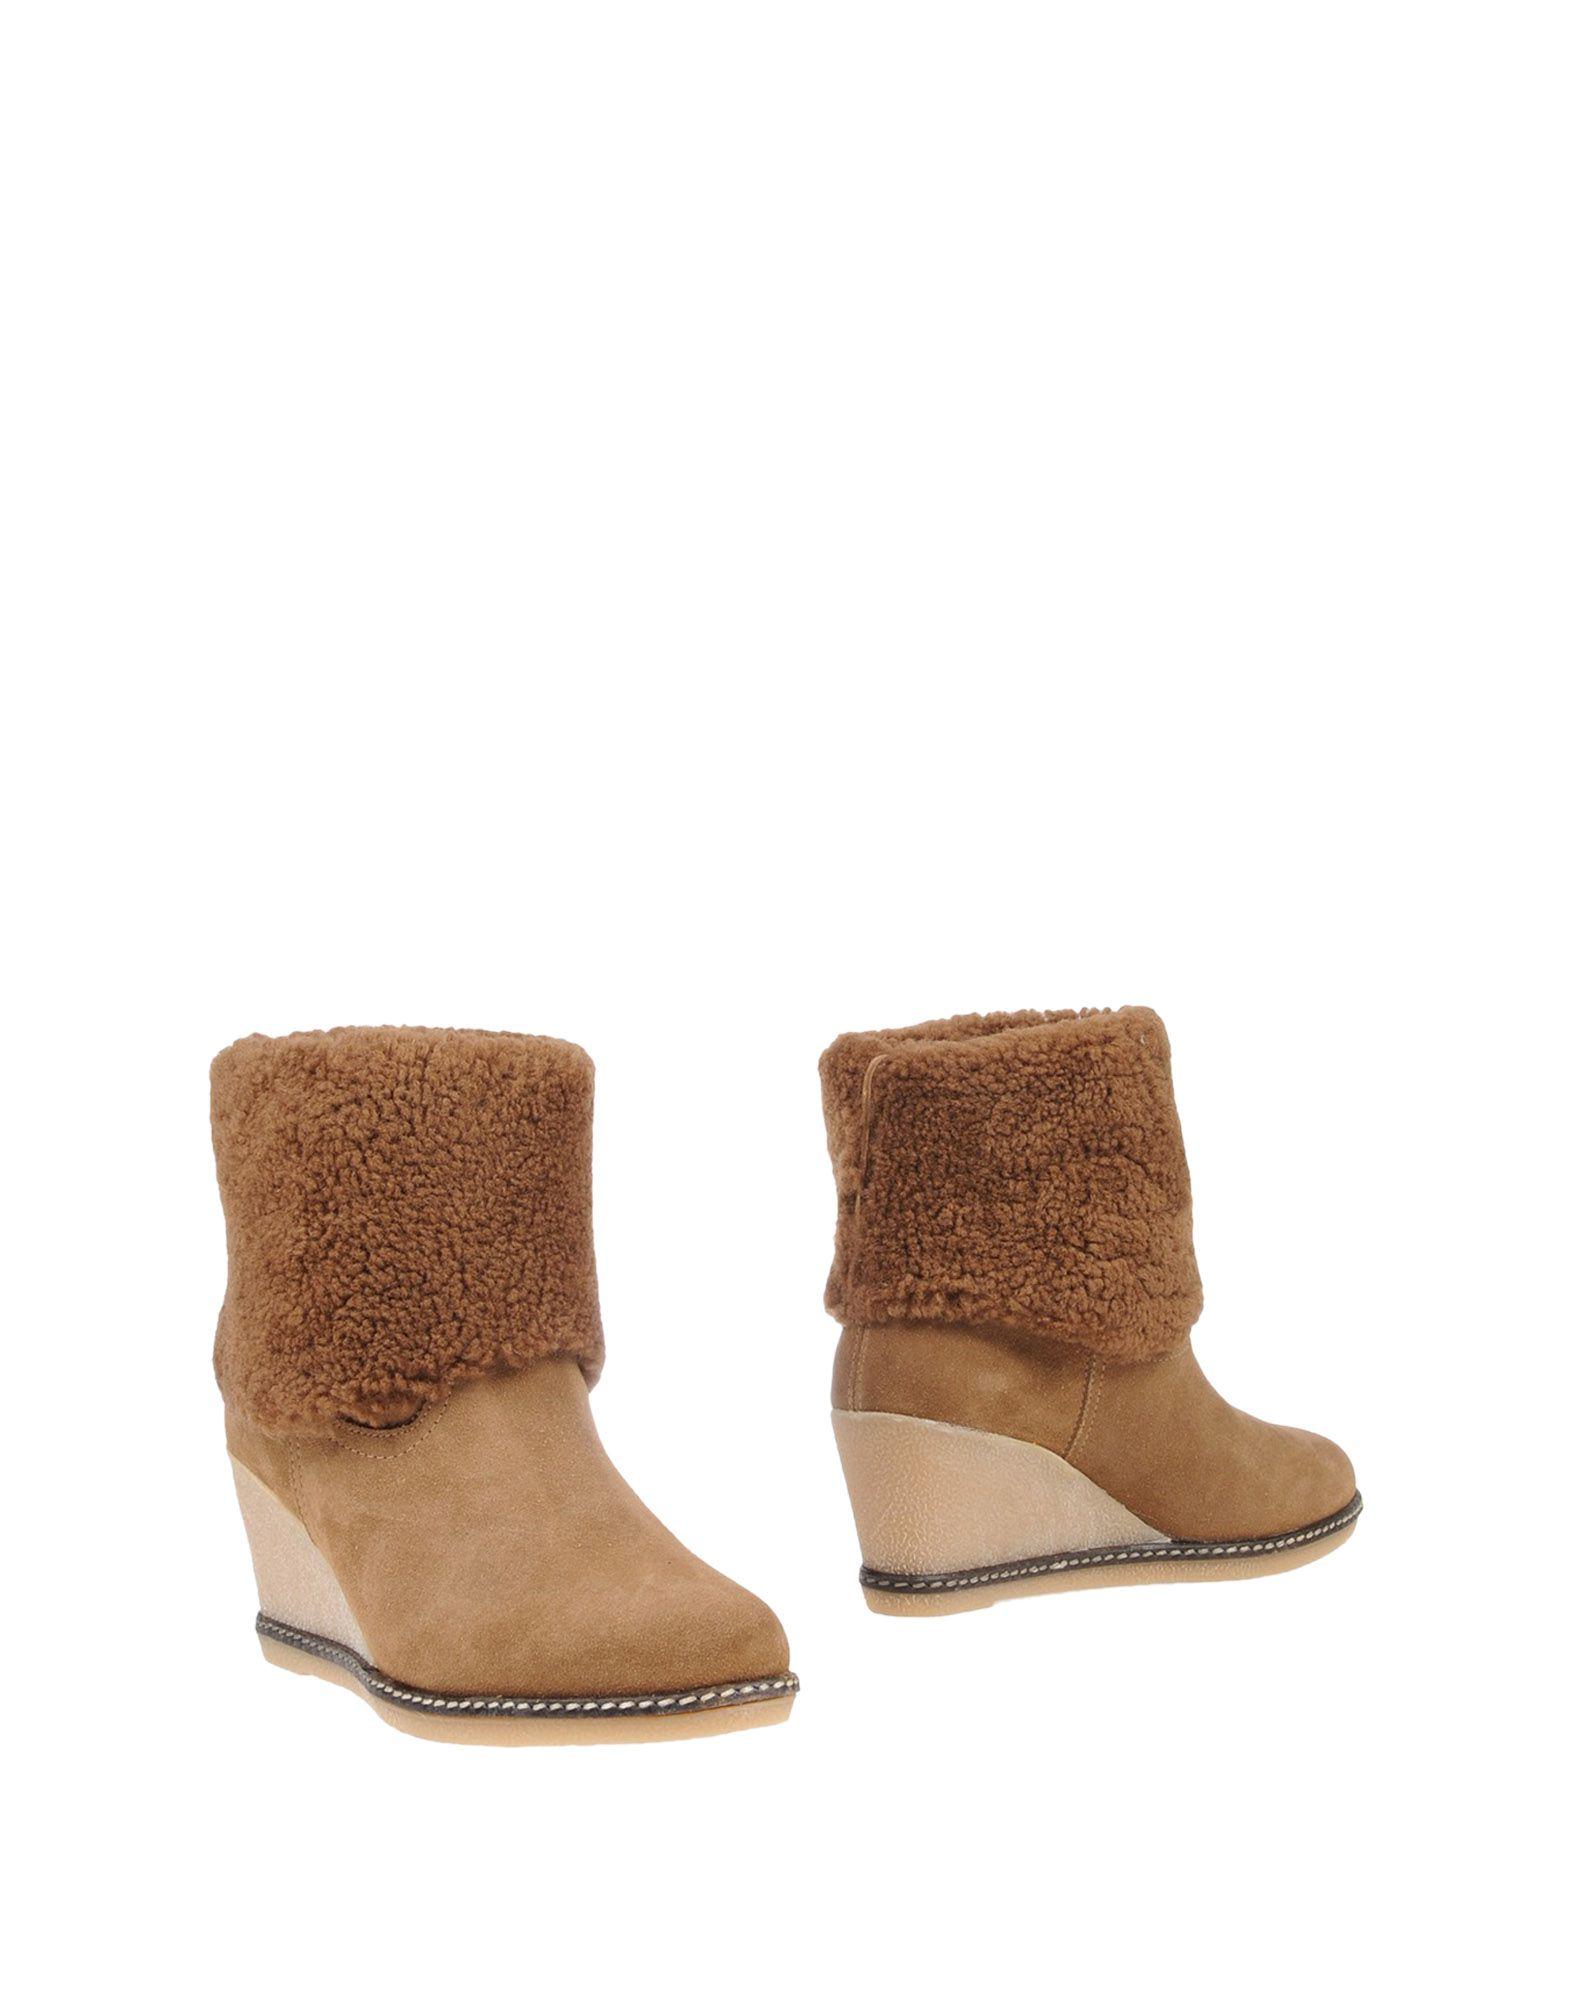 Joyks Stiefelette Damen  11405358RH Gute Qualität beliebte Schuhe